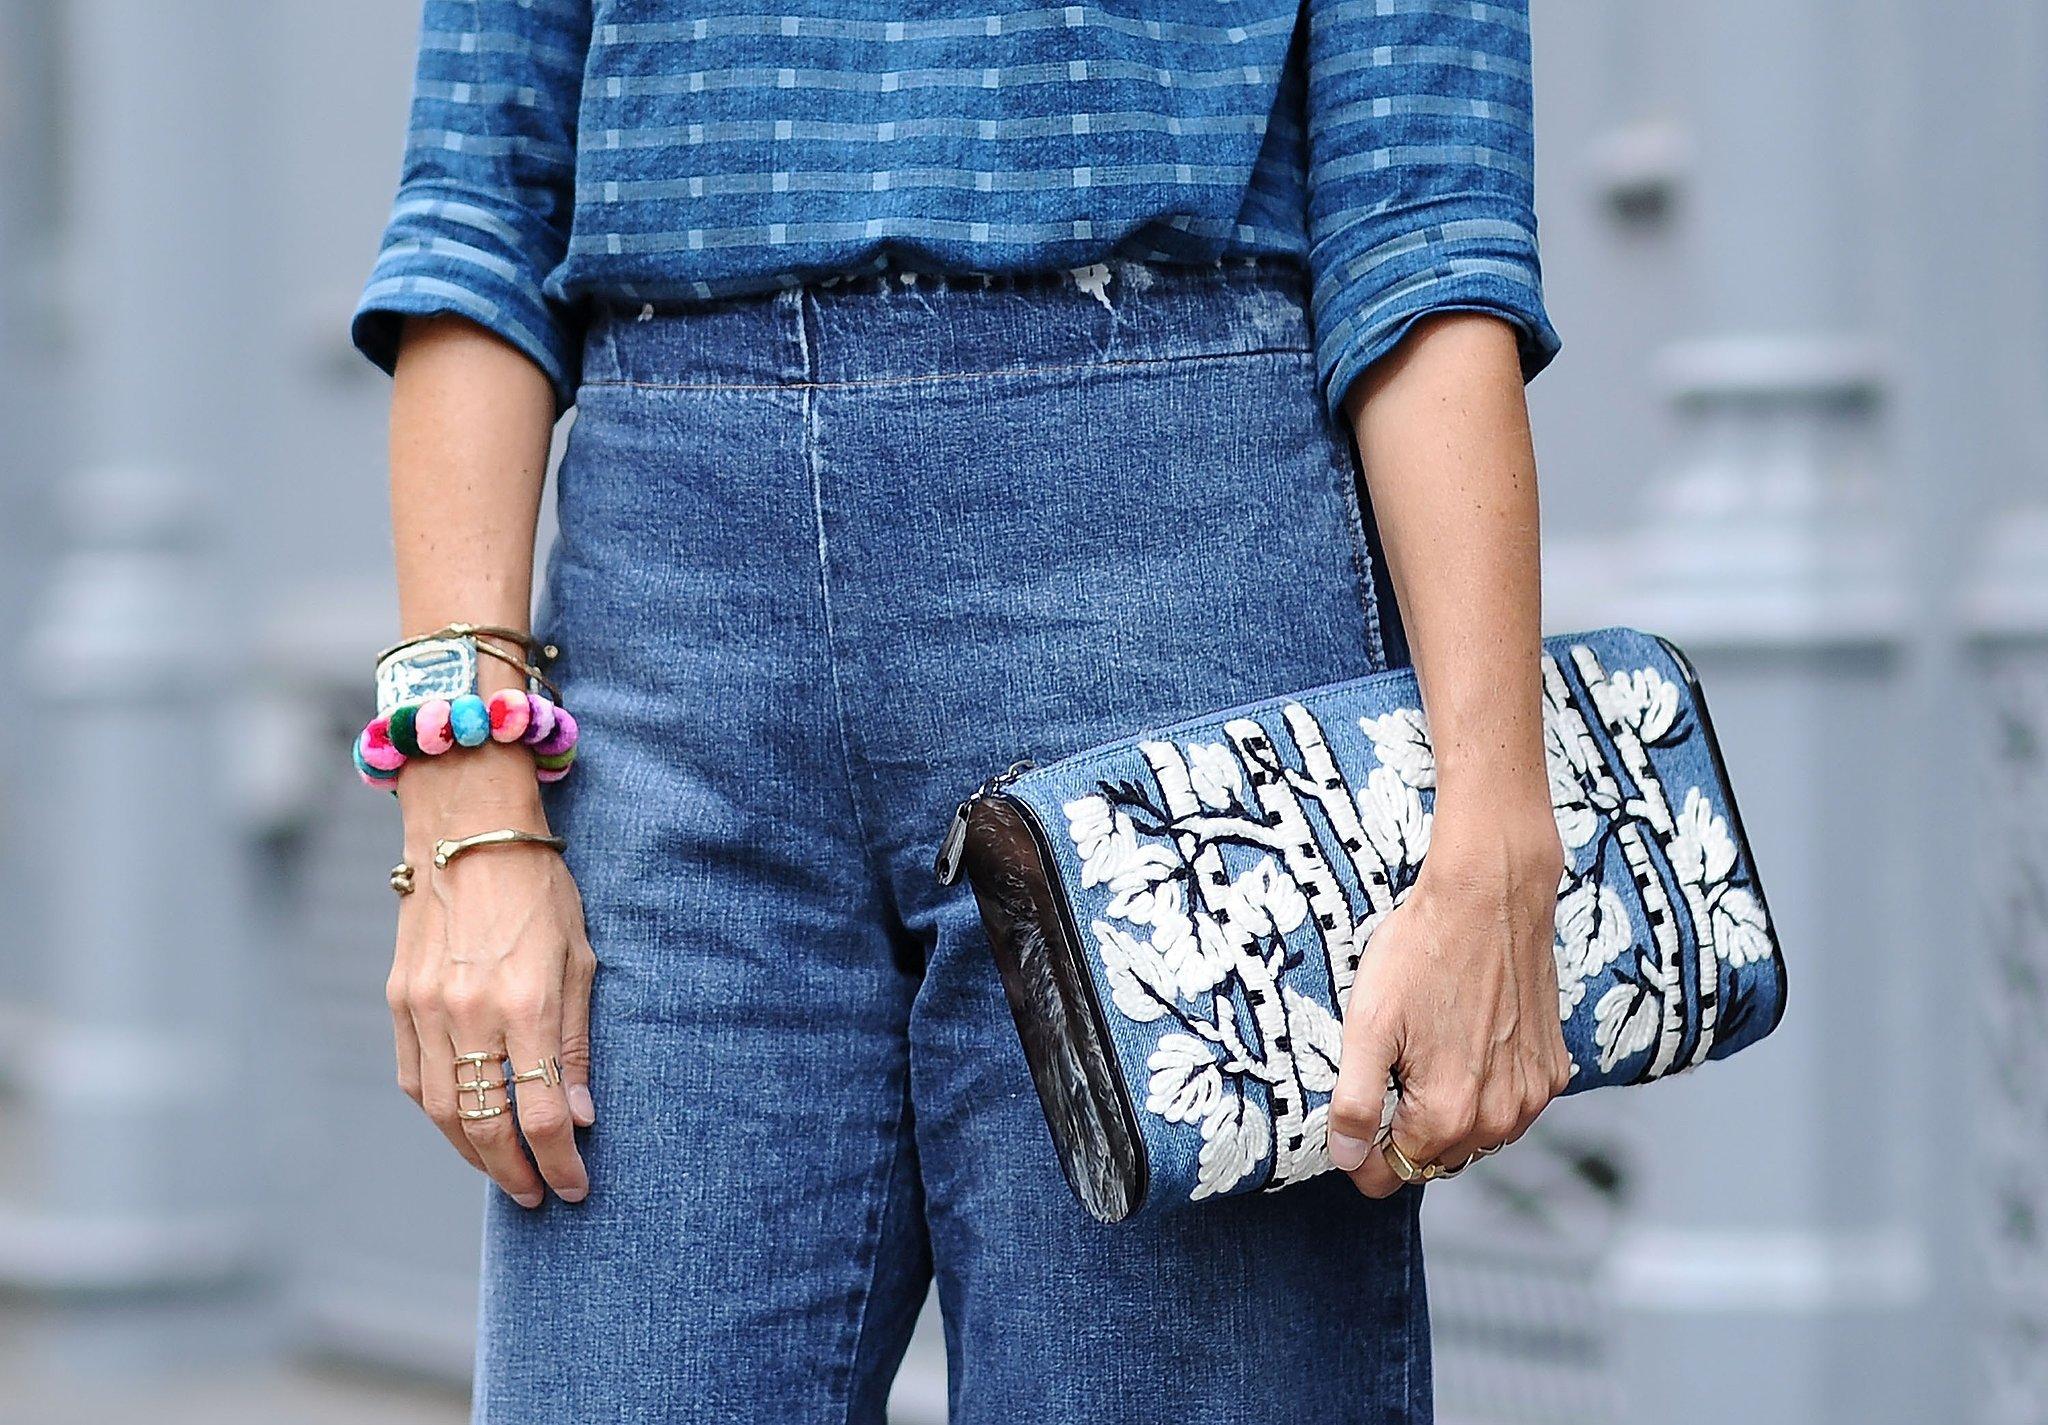 Яркие детали образов нью-йоркских модников